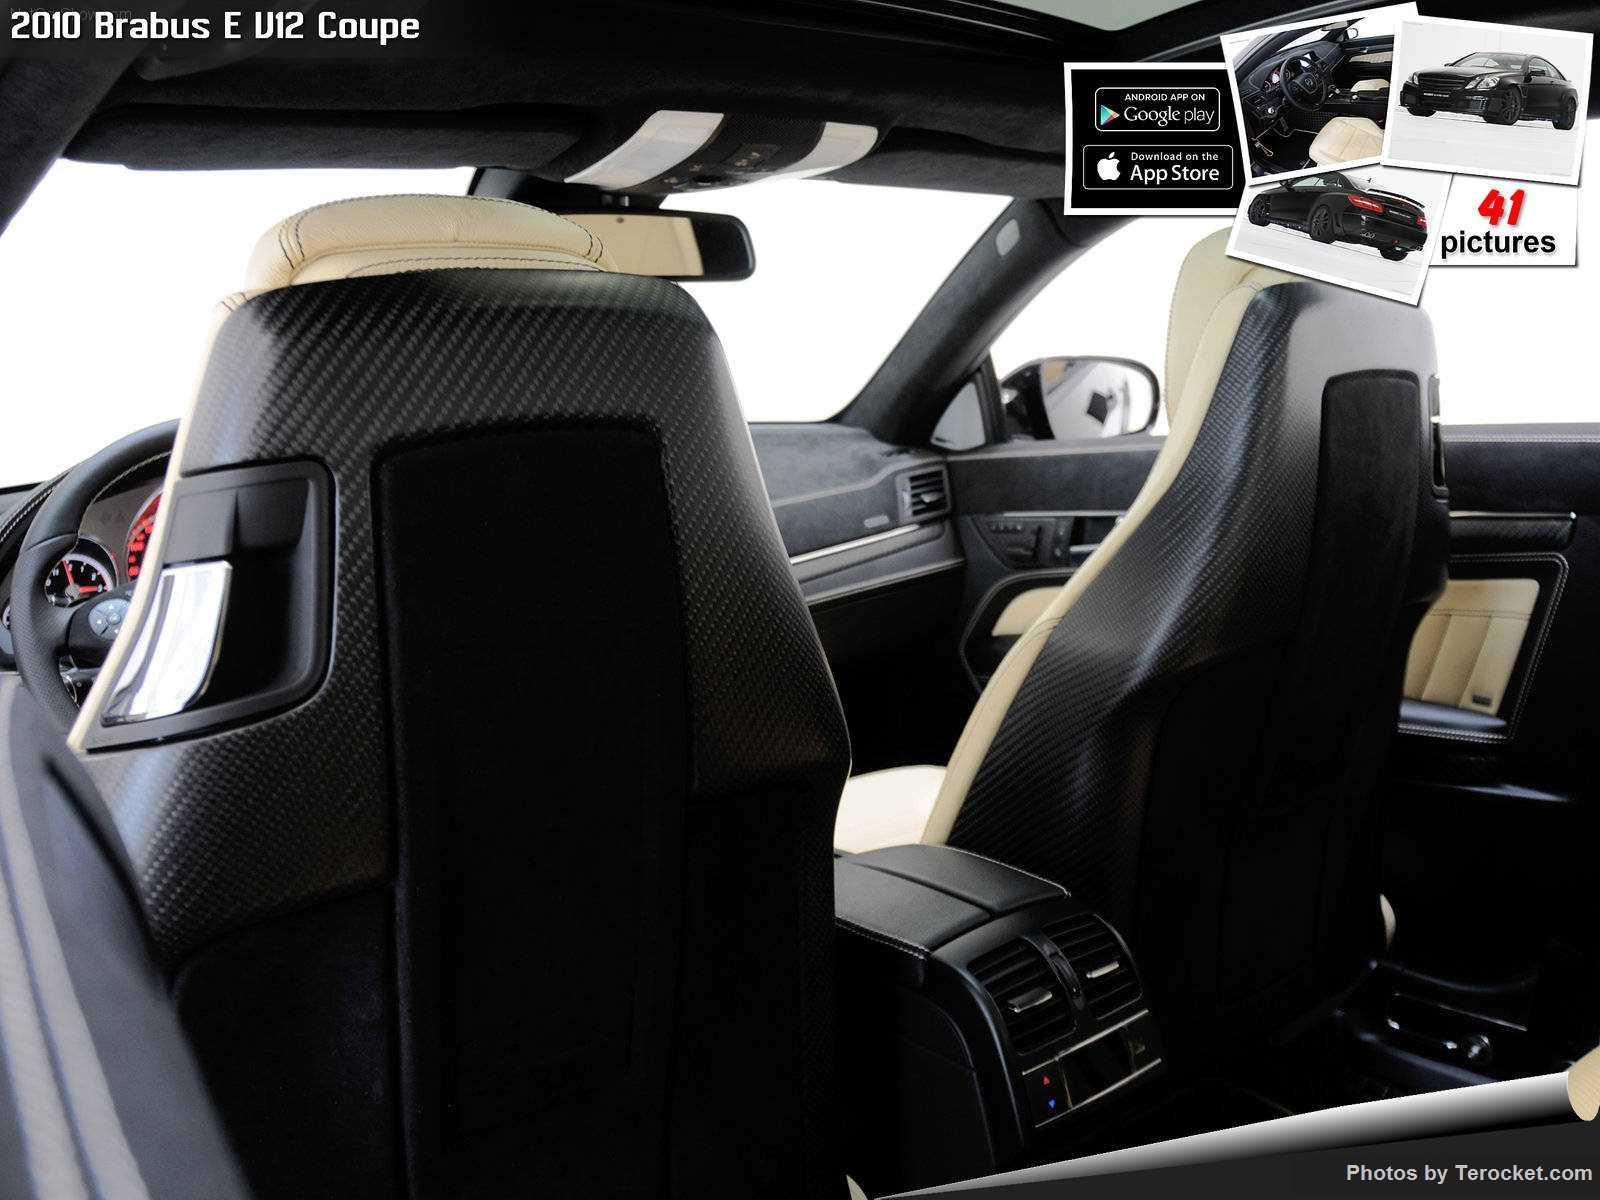 Hình ảnh xe ô tô Brabus E V12 Coupe 2010 & nội ngoại thất